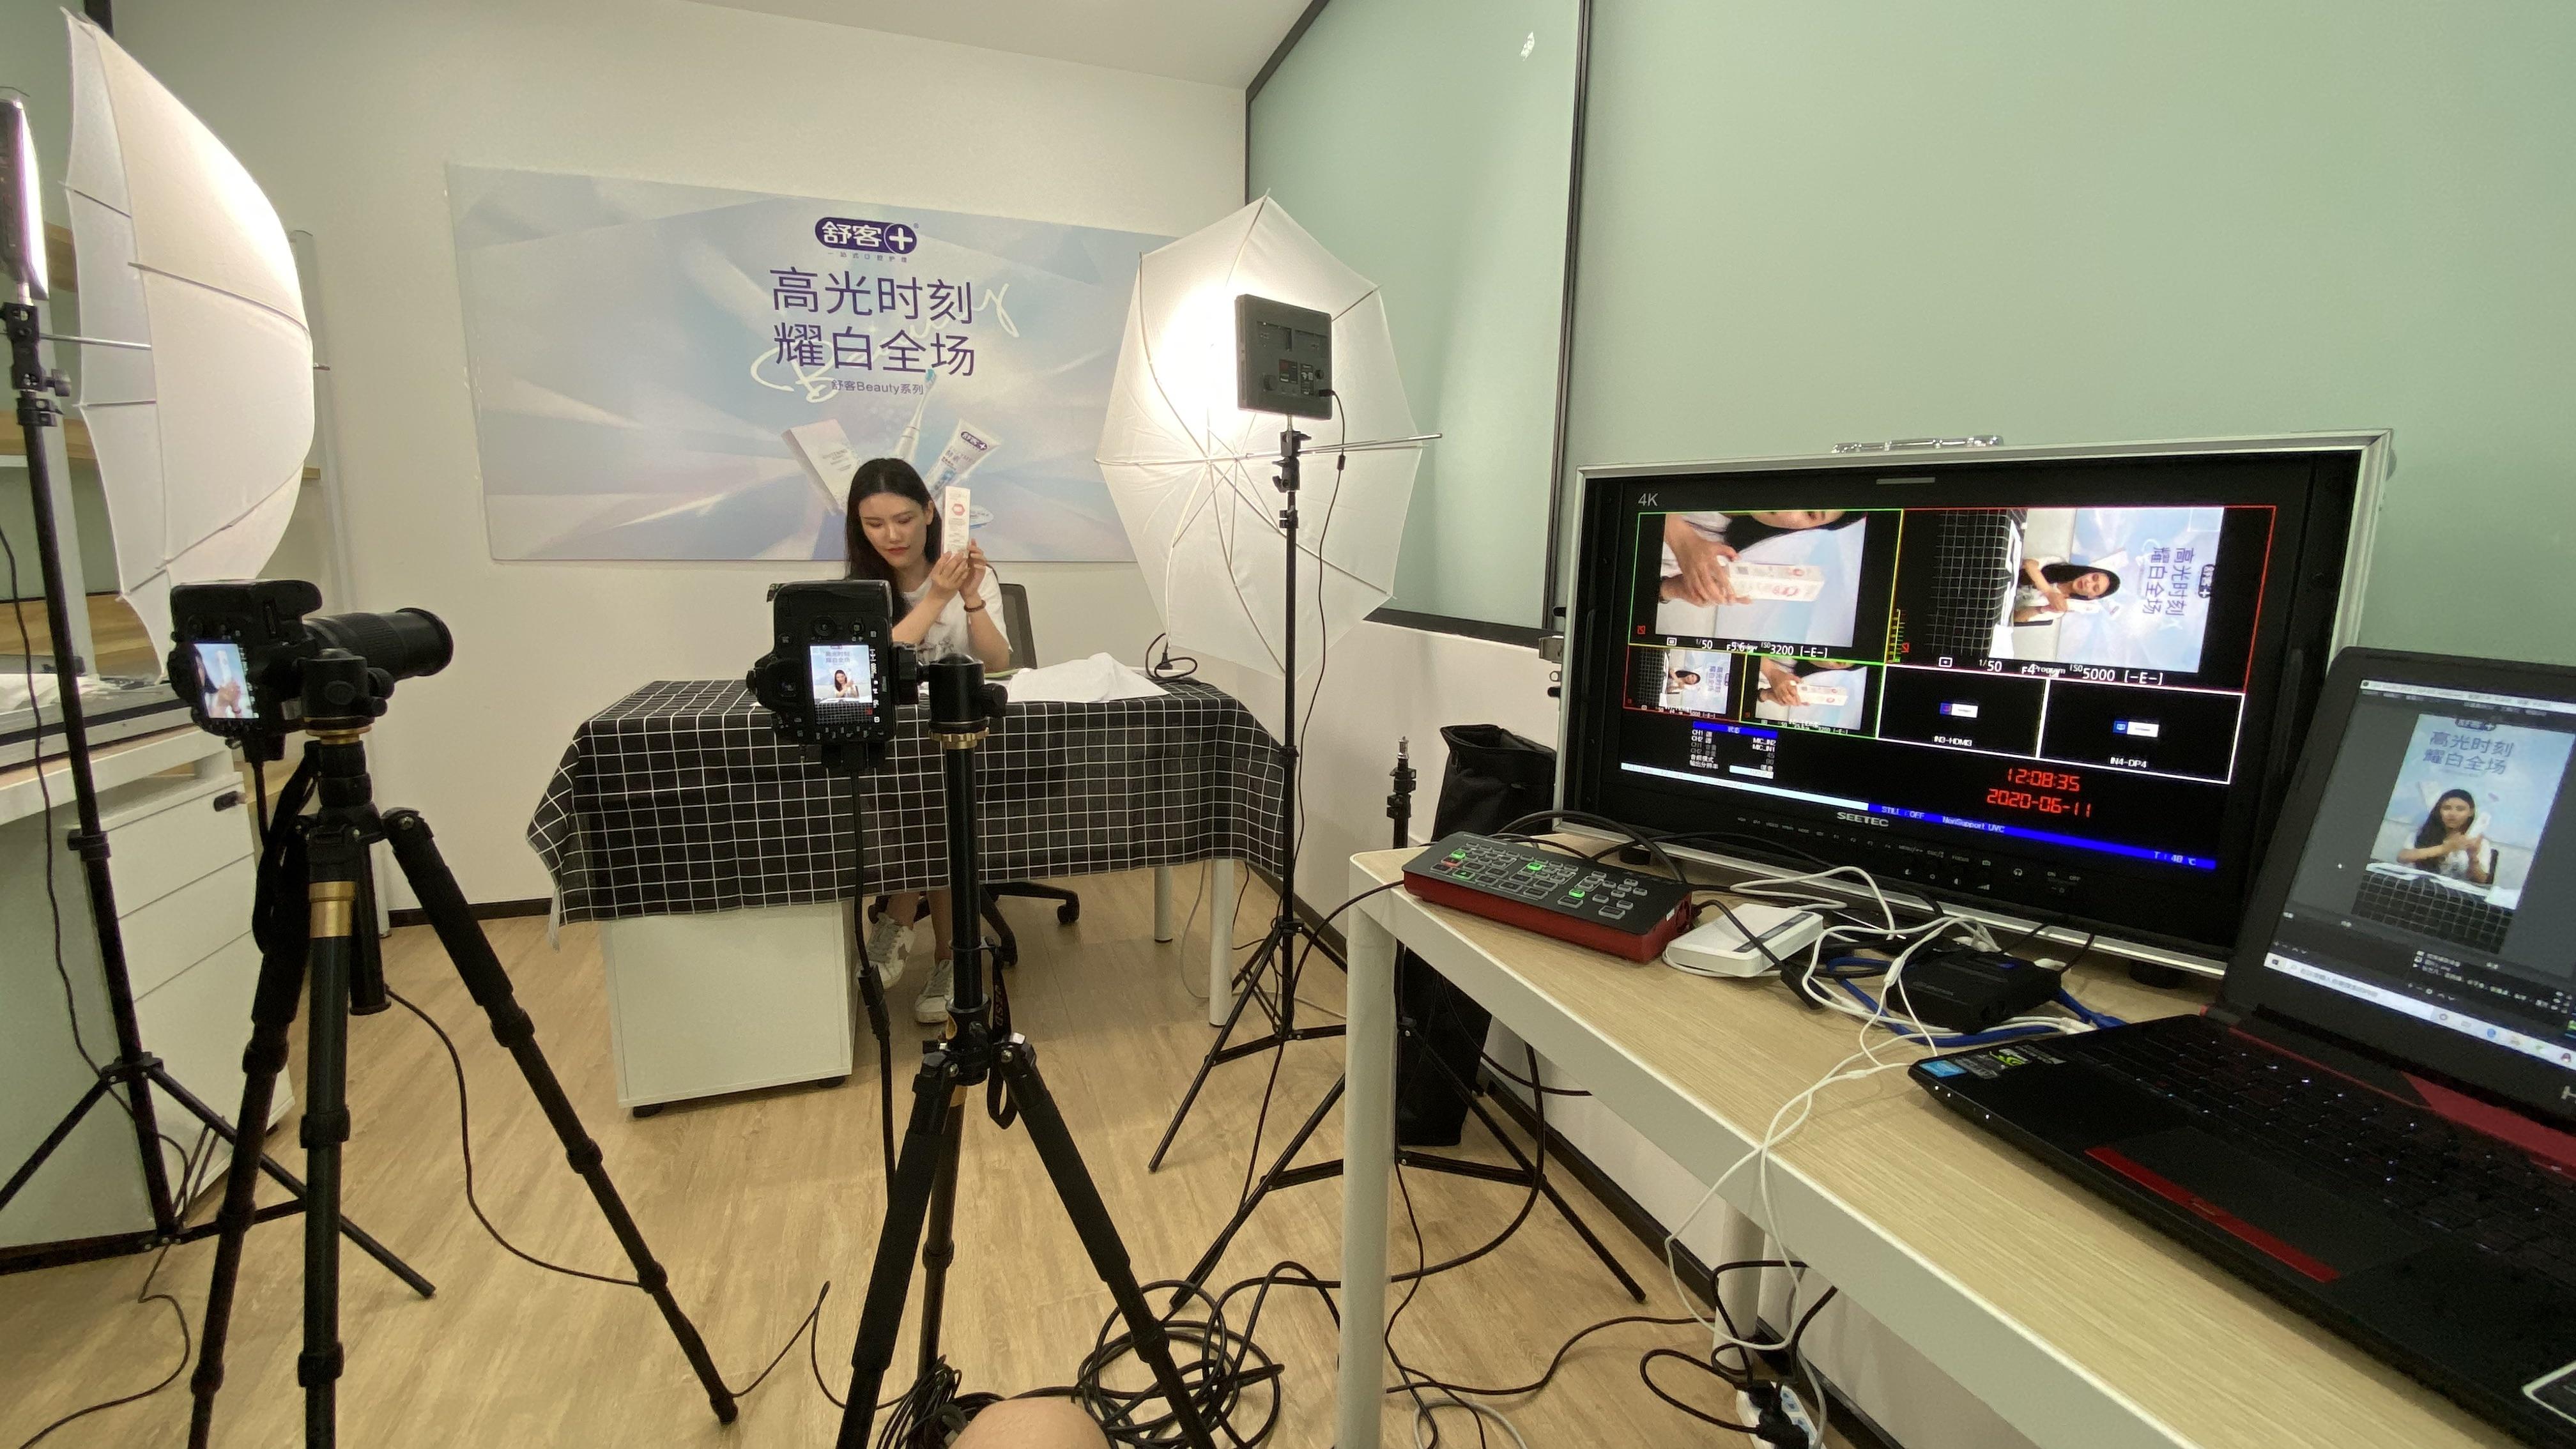 【摄像服务】会议直播全程摄像活动跟拍摄像典礼开业短片拍摄录制